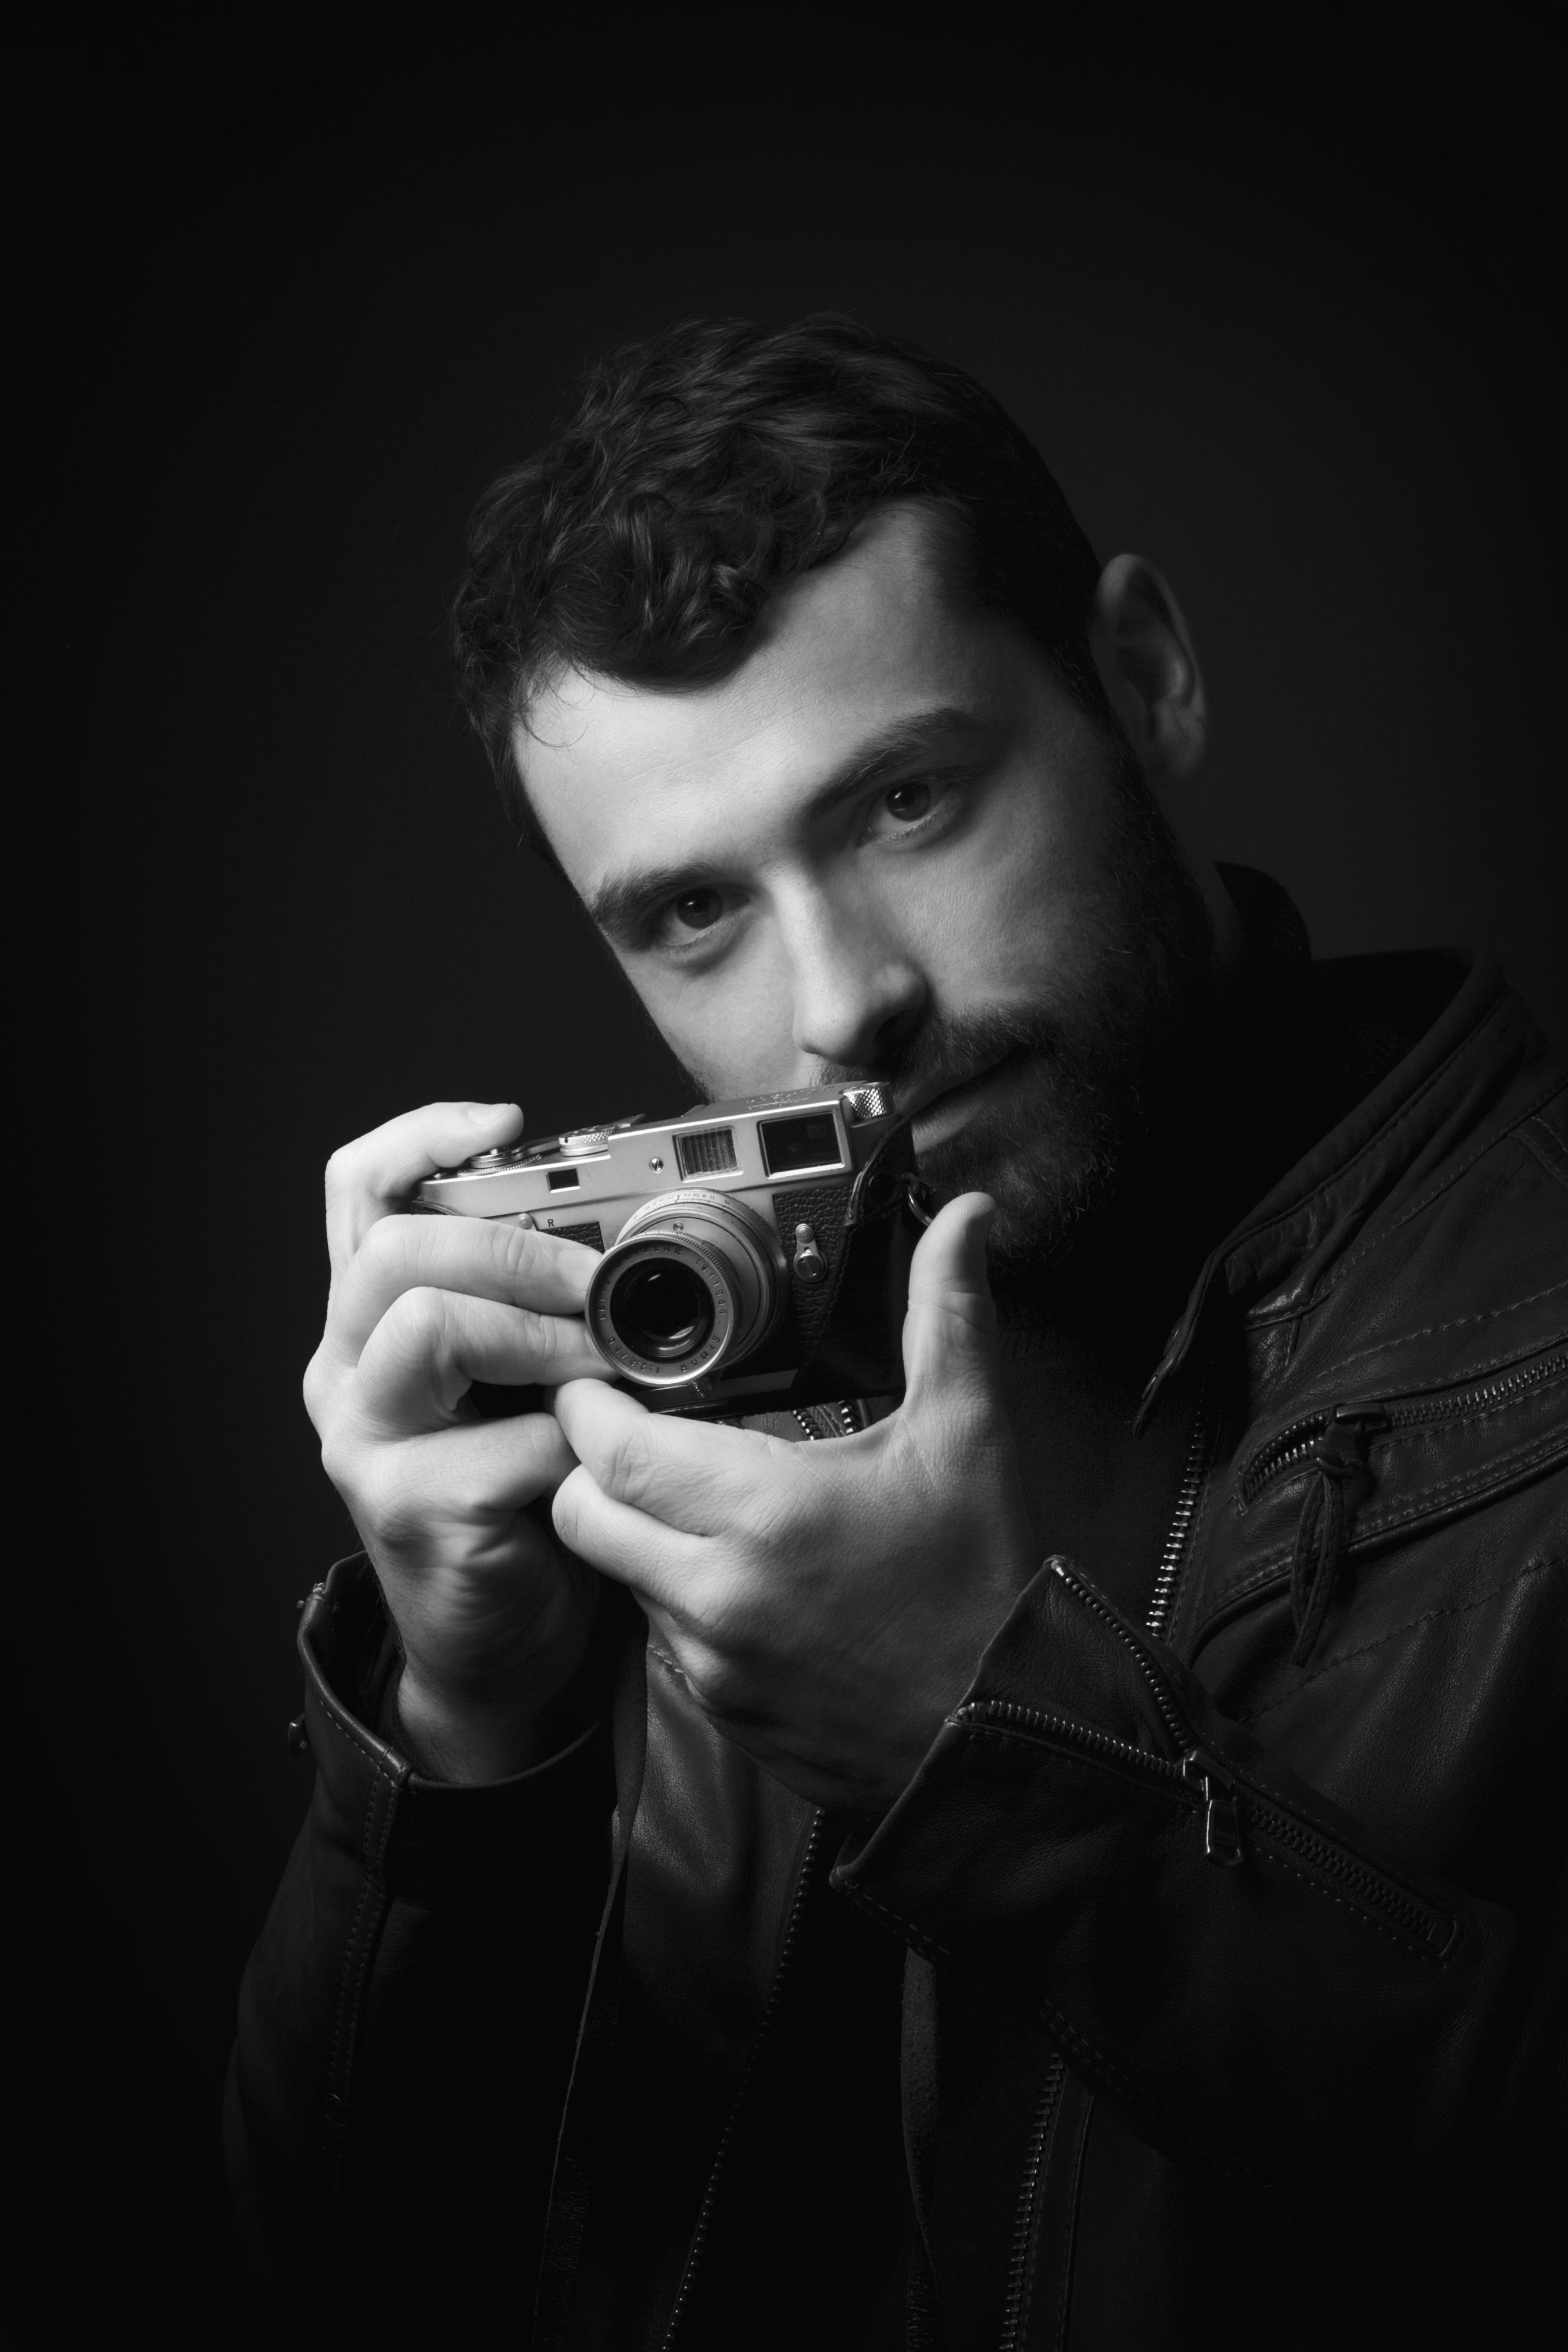 photographe portrait book tours paris3